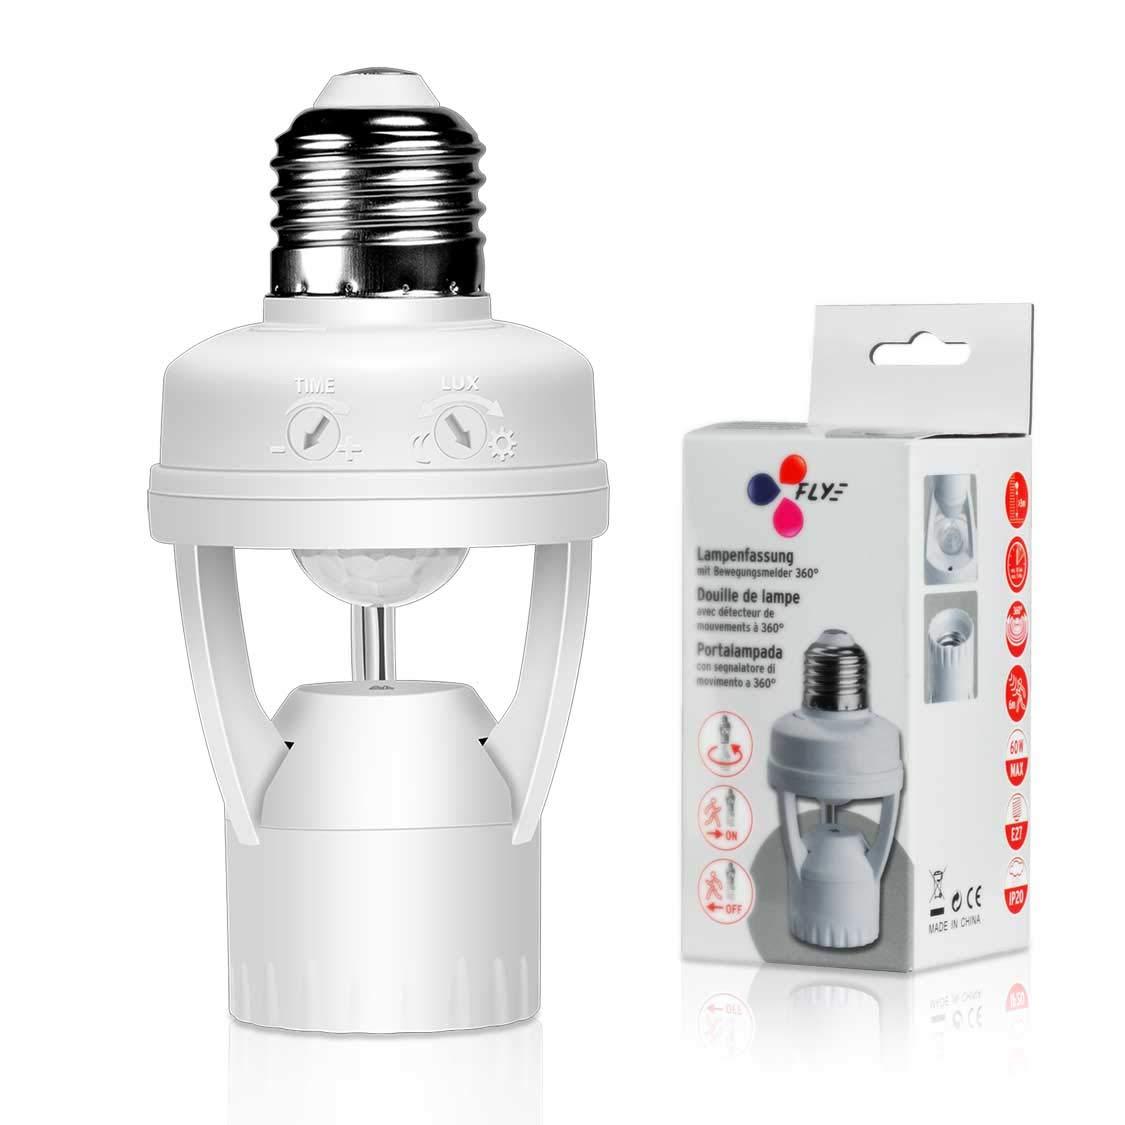 Motion Sensor Light Lamp Socket Adapter for LED Light Lamp Base Holder Smart Radar Motion Sensor Holder E26/E27 to E26/E27 Lamp Bulb Adapter for Garage/Porch/Stairs